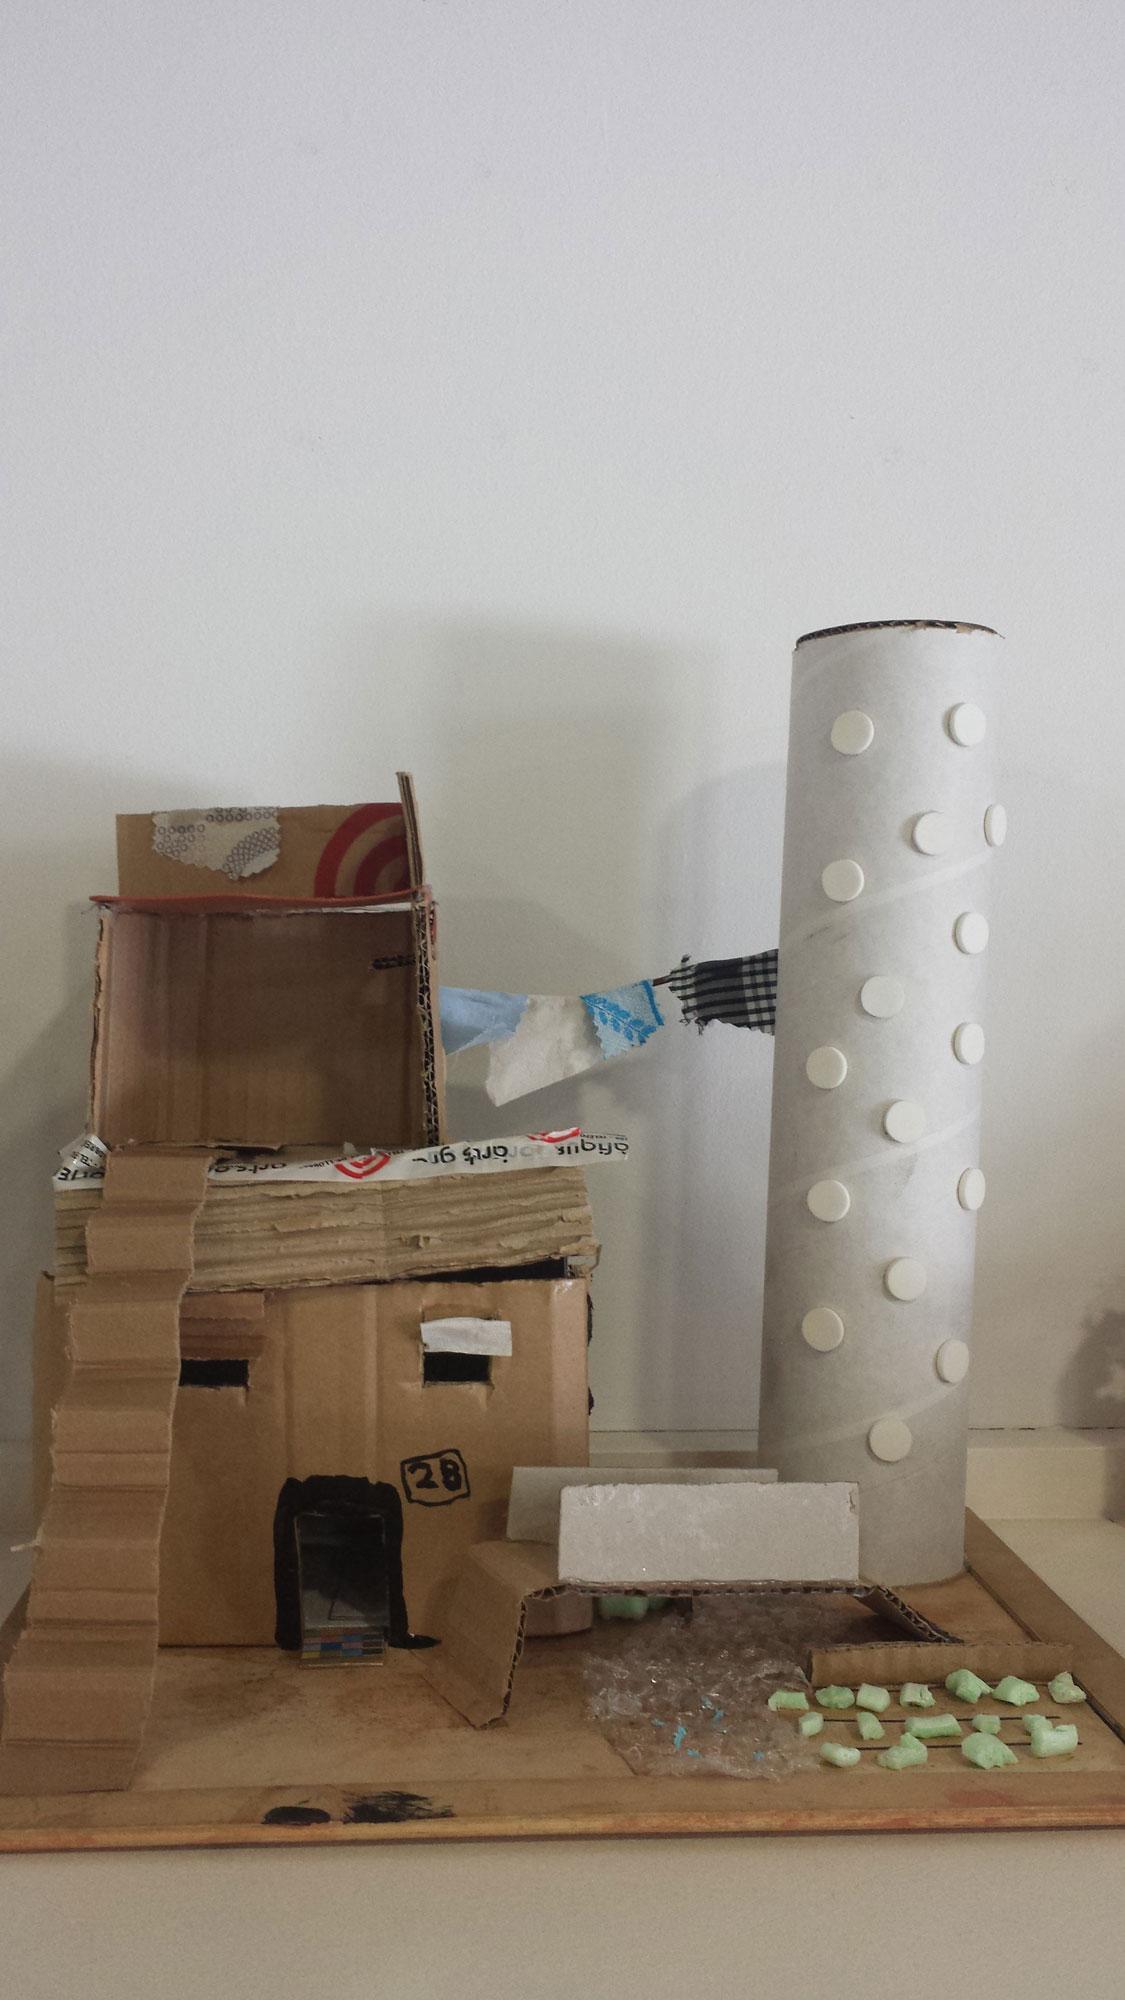 escola-impremta-pit-roig-caixes-1